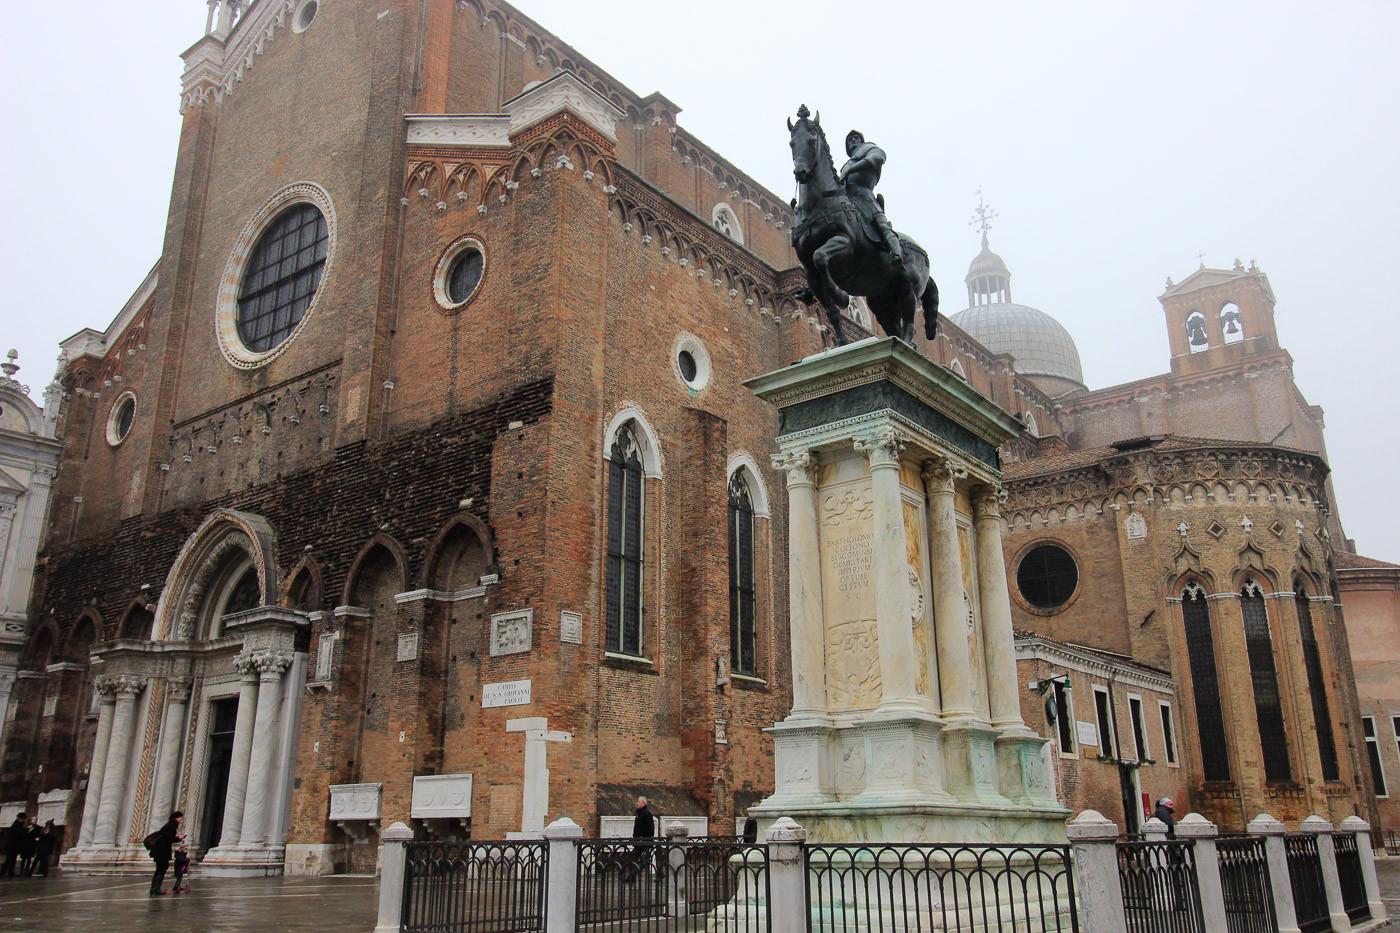 Fachada con la estatua de Corleoni